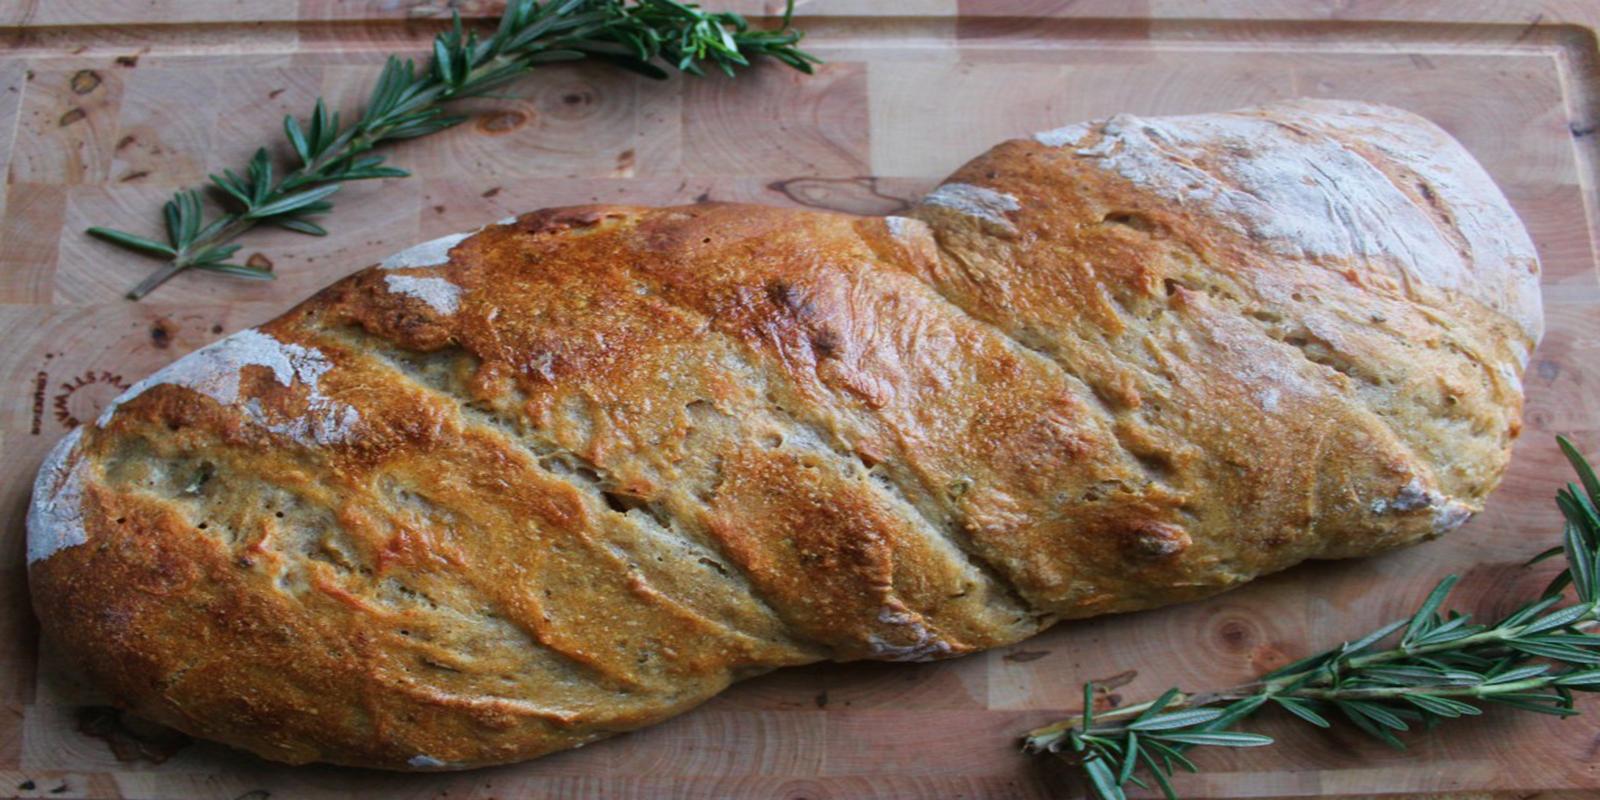 İstanbul'un 5 doğal ekmek dükkanı